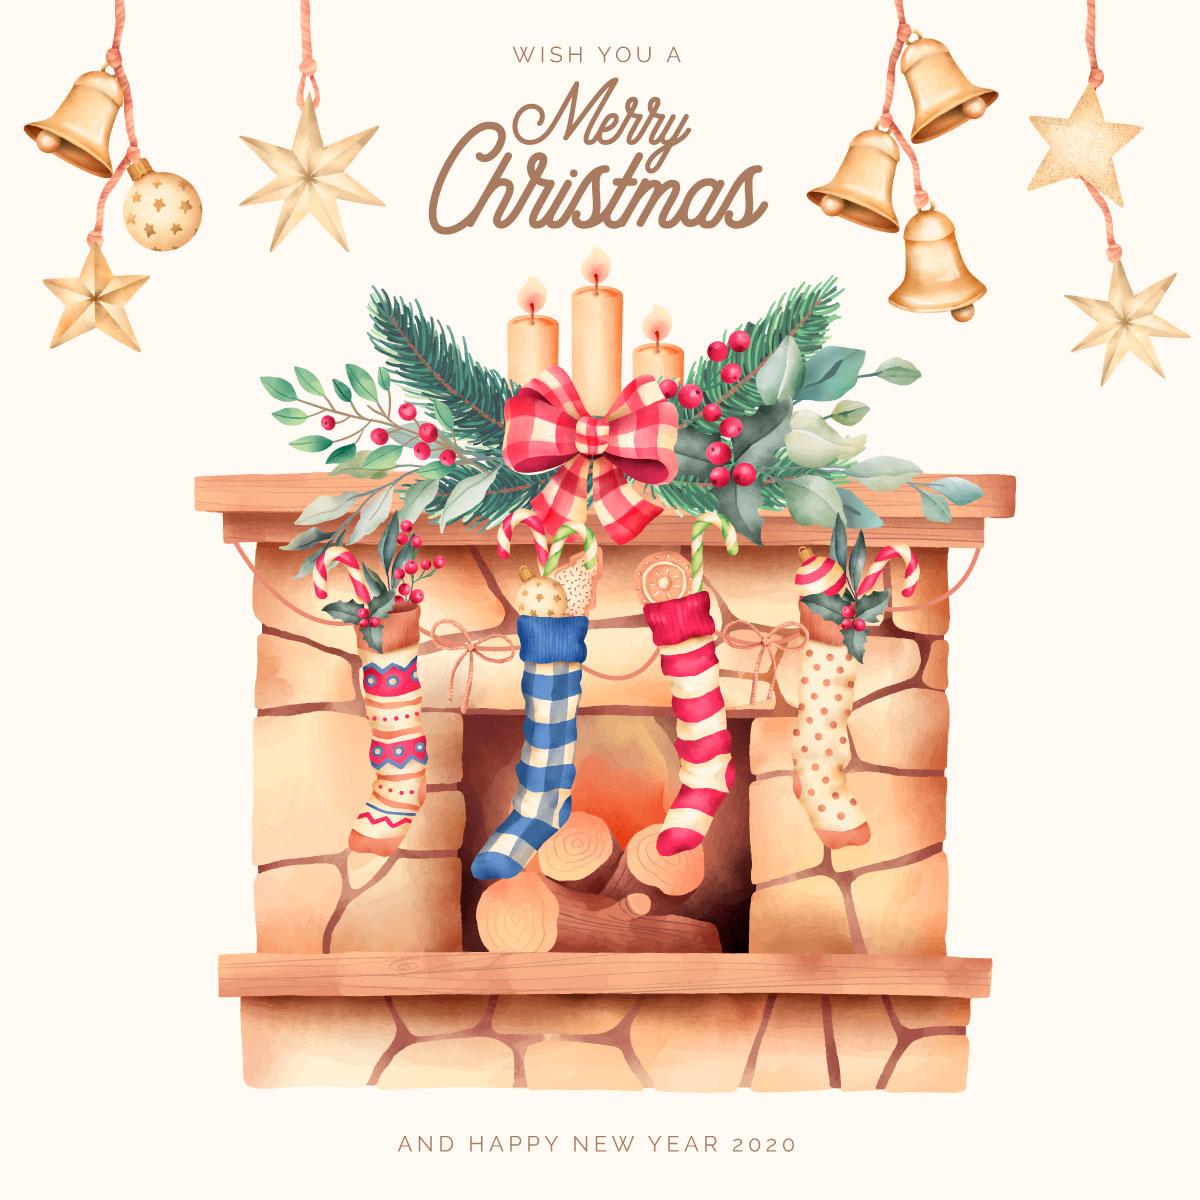 优雅可爱圣诞节主题元素设计矢量素材包 Elegant and Lovely Christmas Backgrounds Set插图(16)